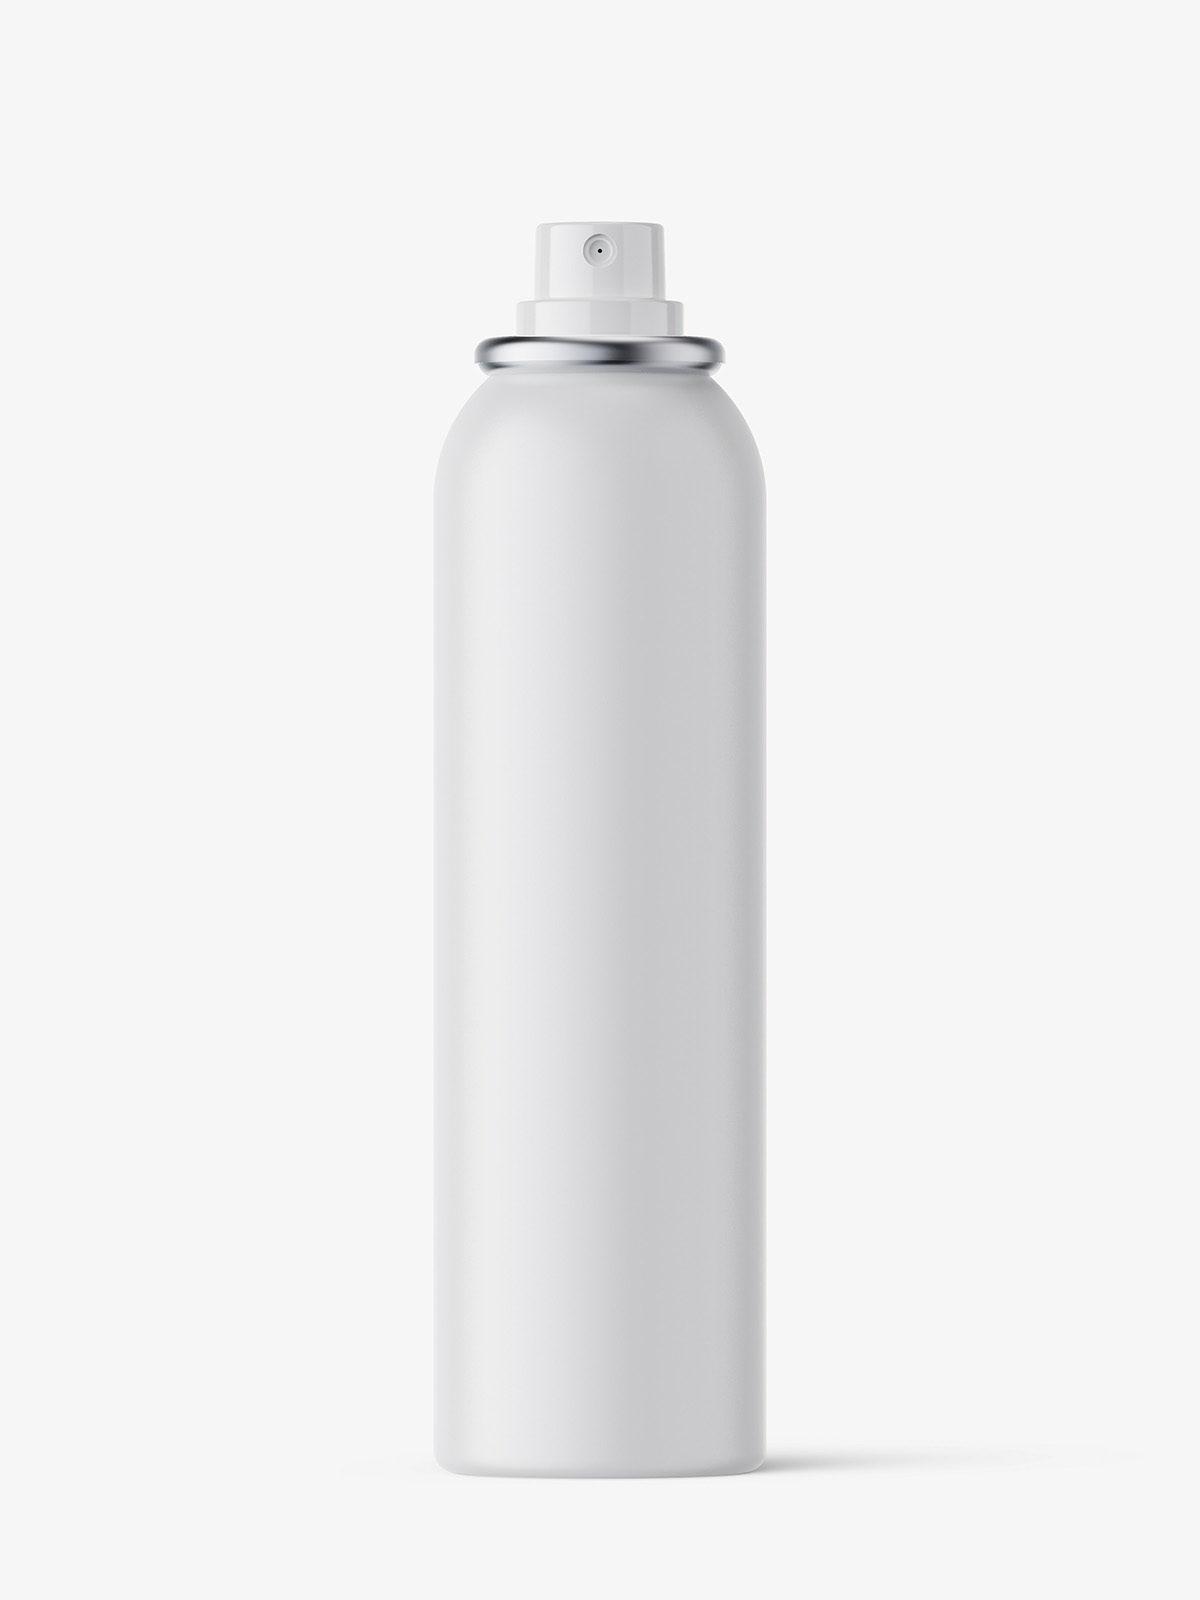 de que esta hecho el desodorante